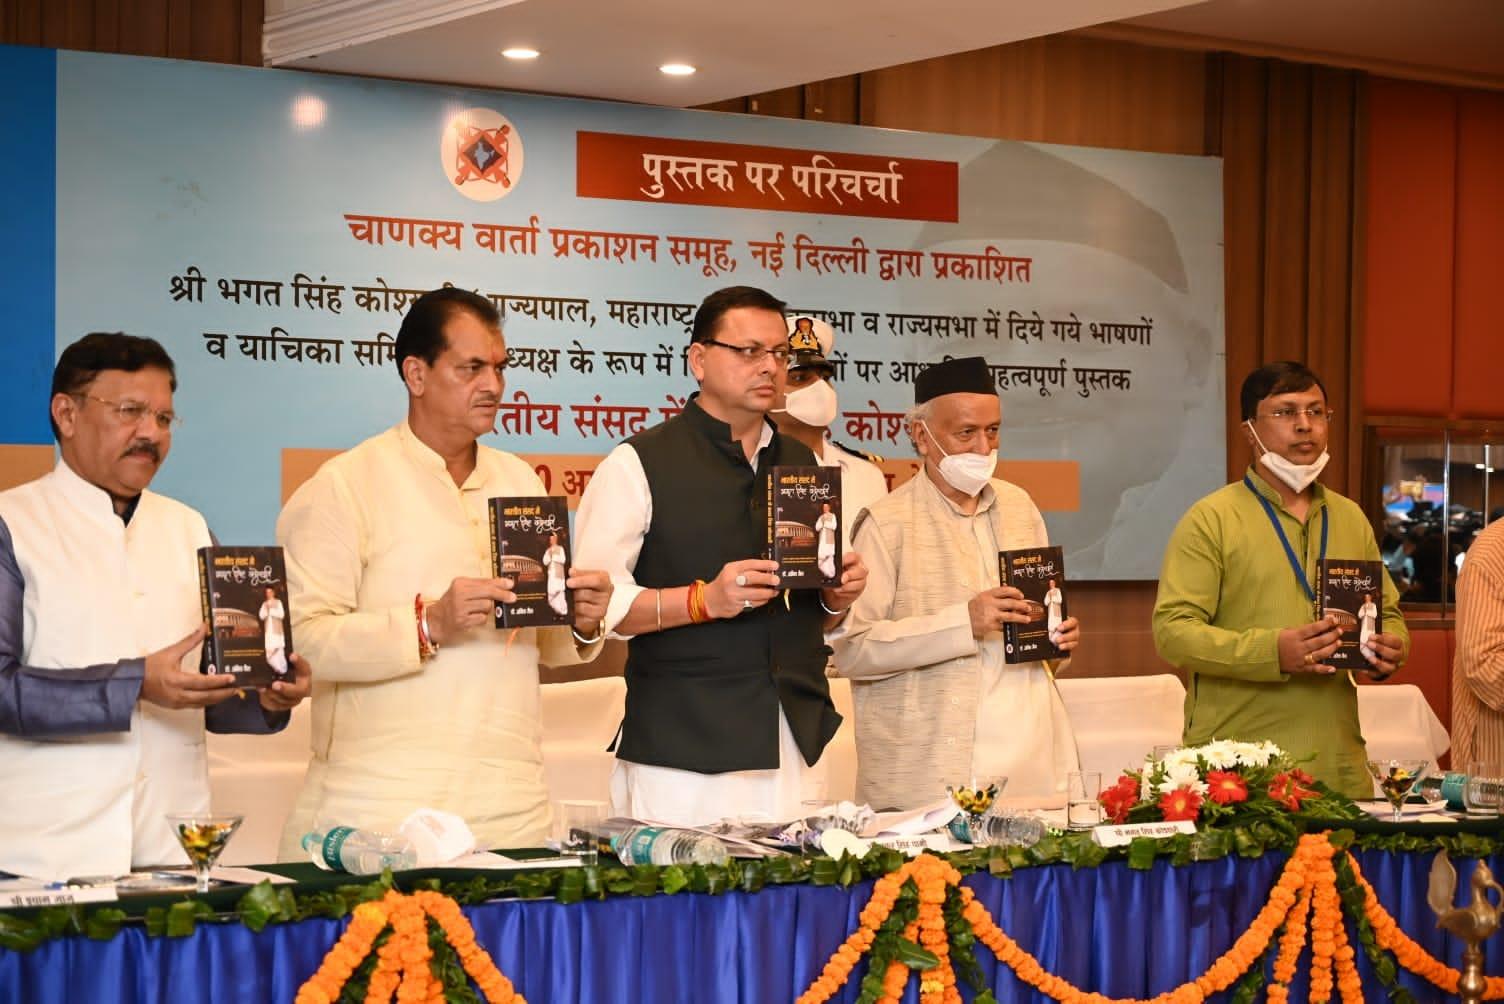 भारतीय संसद में भगत सिंह कोश्यारी पुस्तक पर देहरादून में हुई परिचर्चा